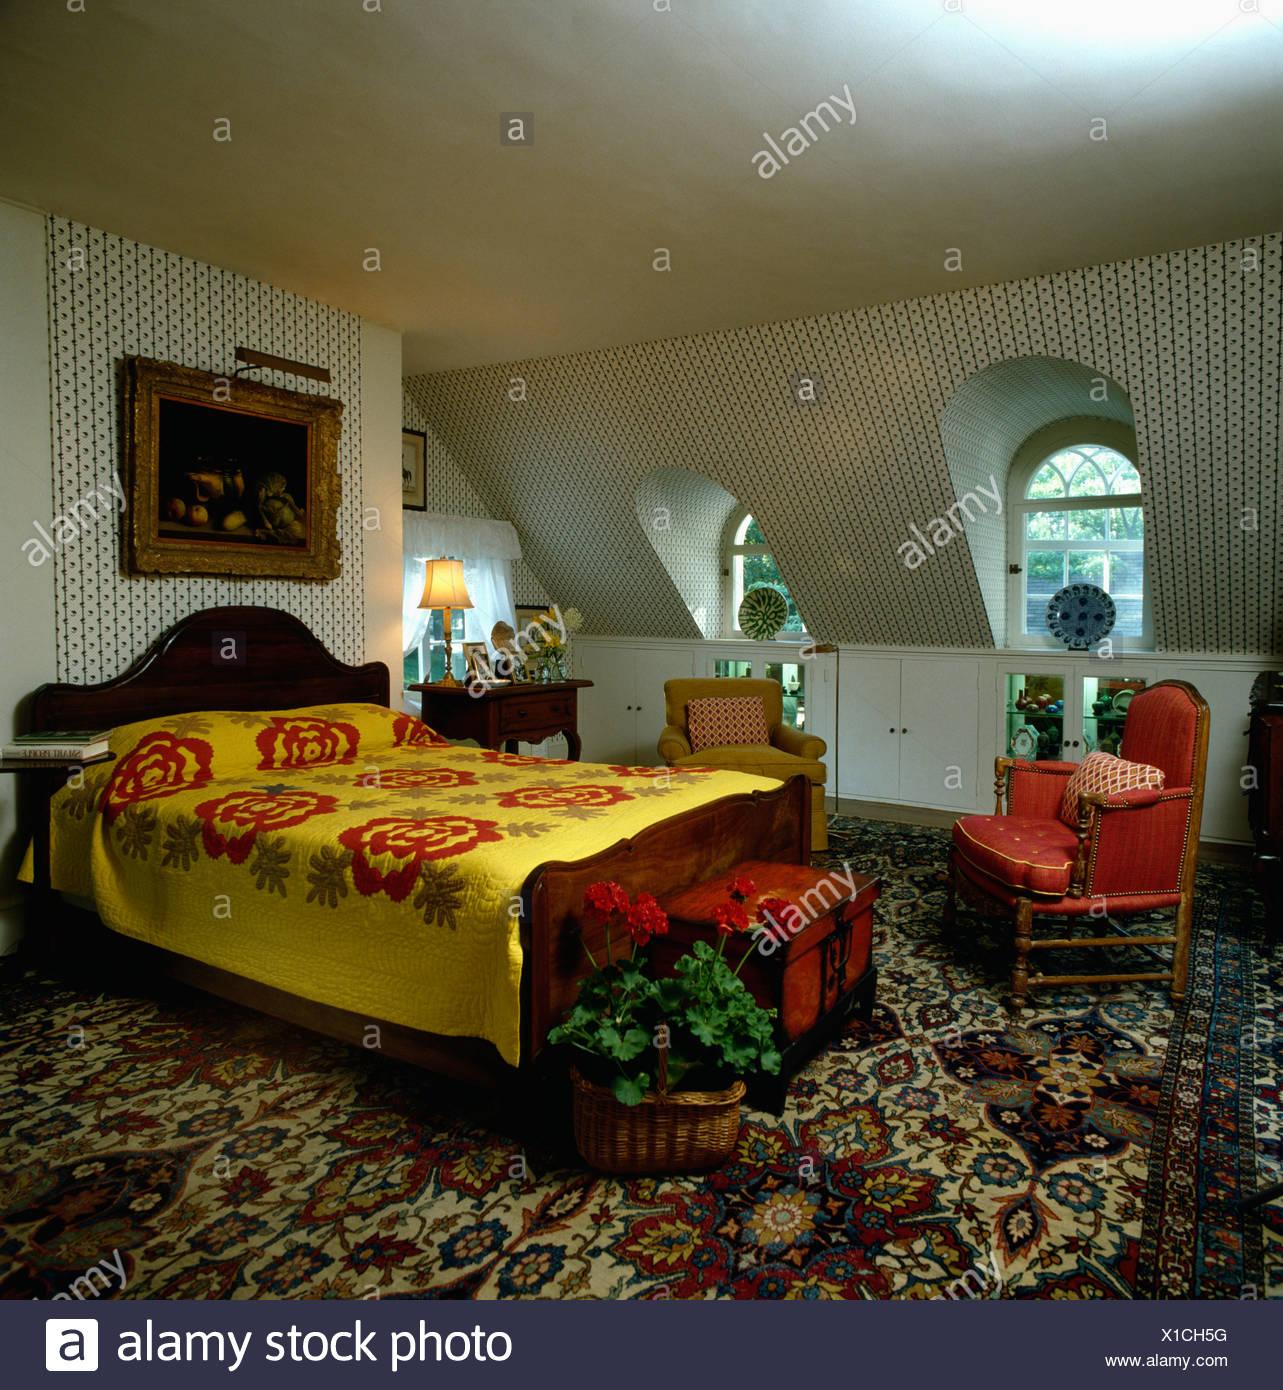 Camere Da Letto Anni 80 giallo e rosso floral mosaico sul letto in camera da letto